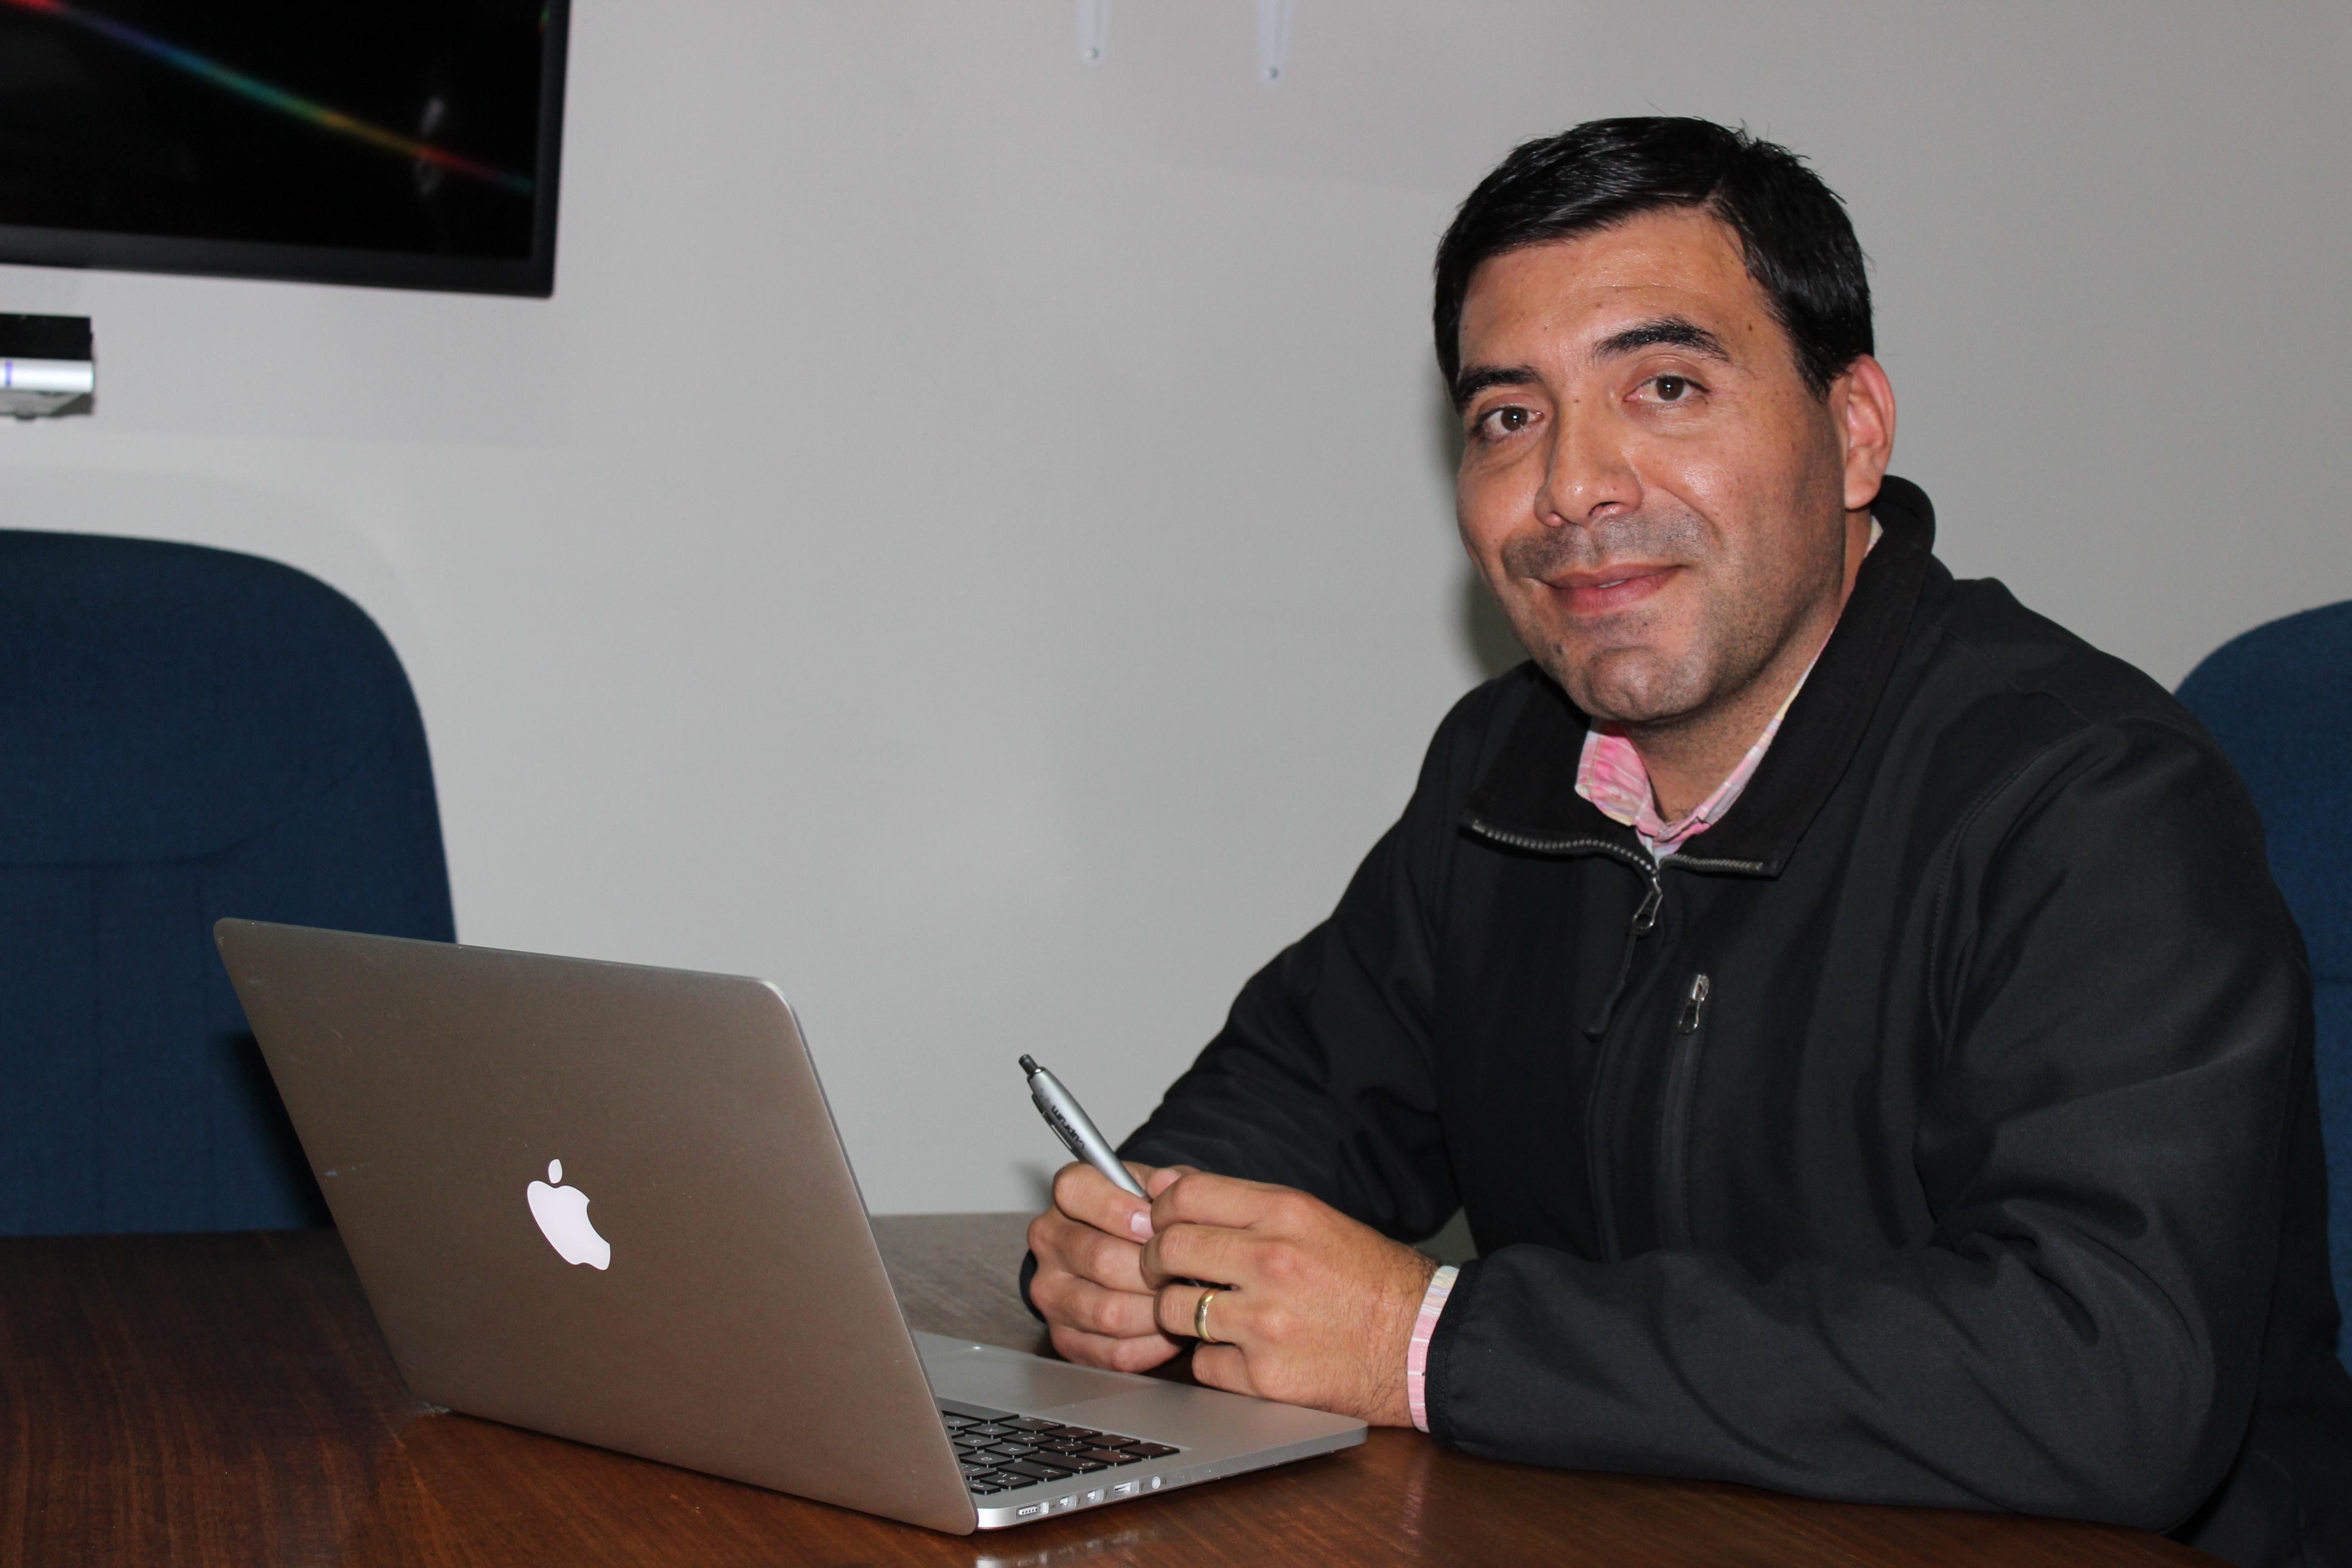 """Gerente técnico Junta de Vigilancia del Huasco: """"Las empresas juegan un rol muy importante y debemos saber hasta qué punto tienen un compromiso real con la ciudadanía"""""""